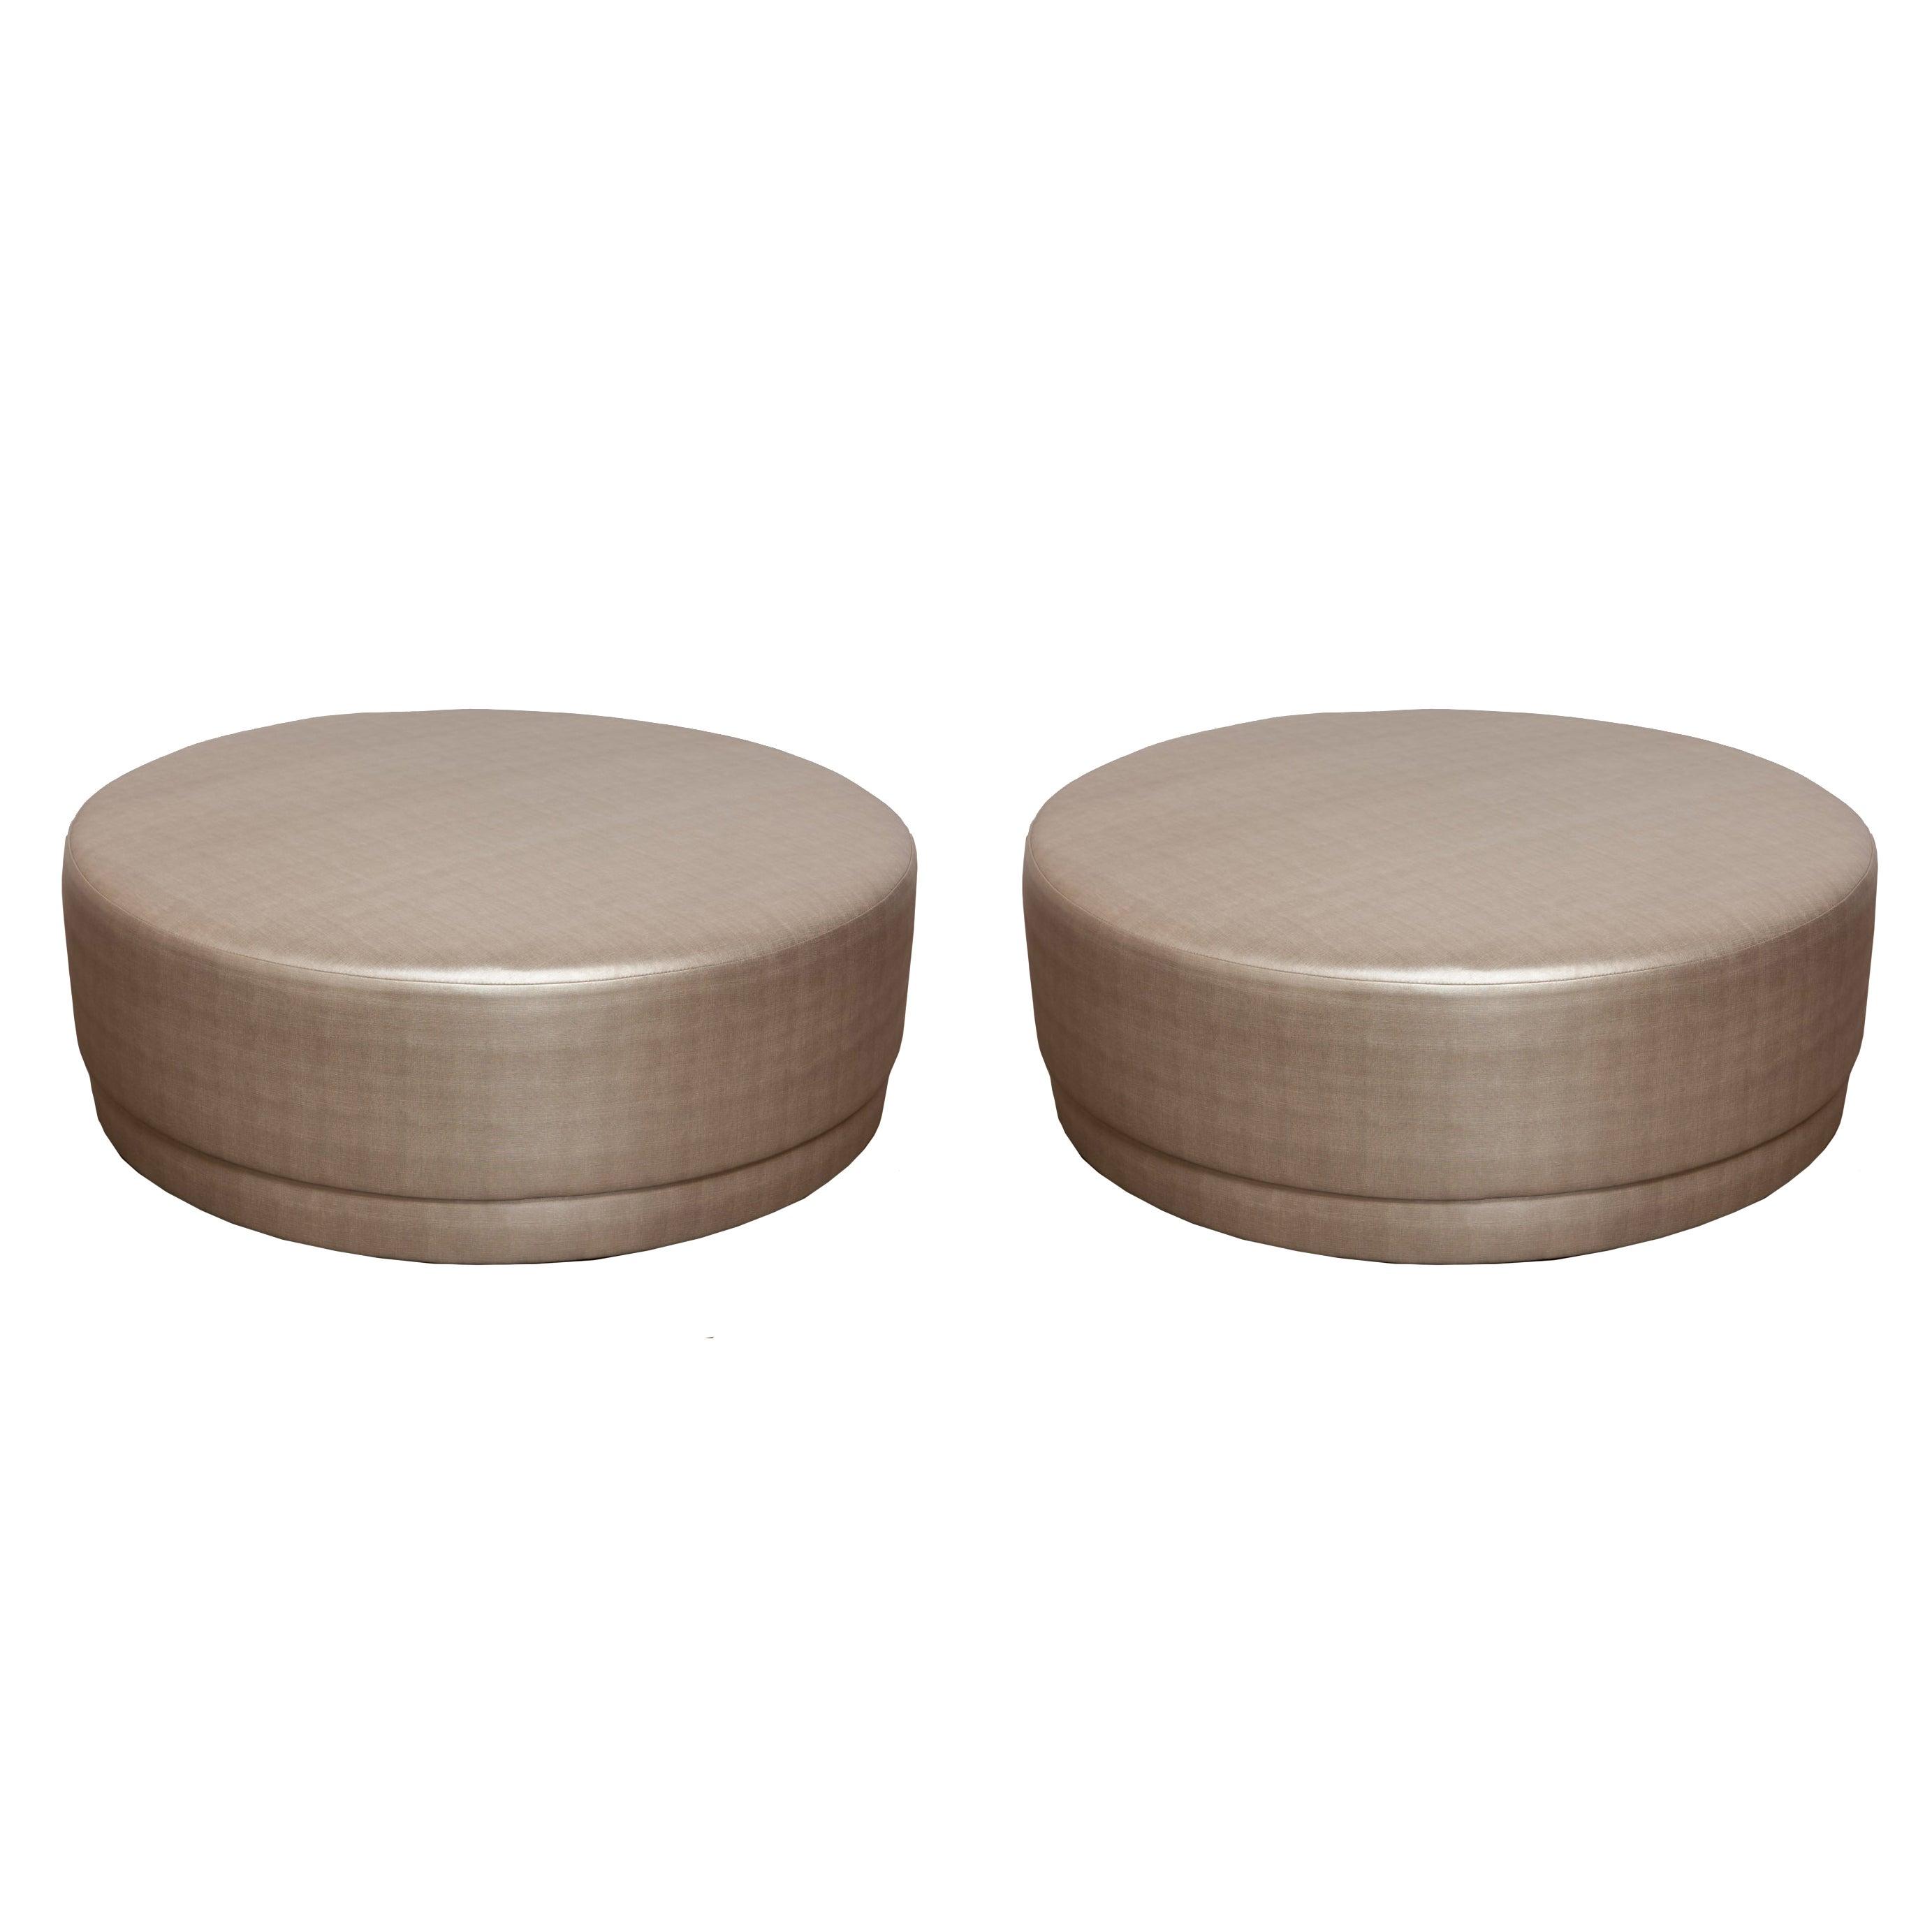 Pair of Metallic Silver Round Ottomans